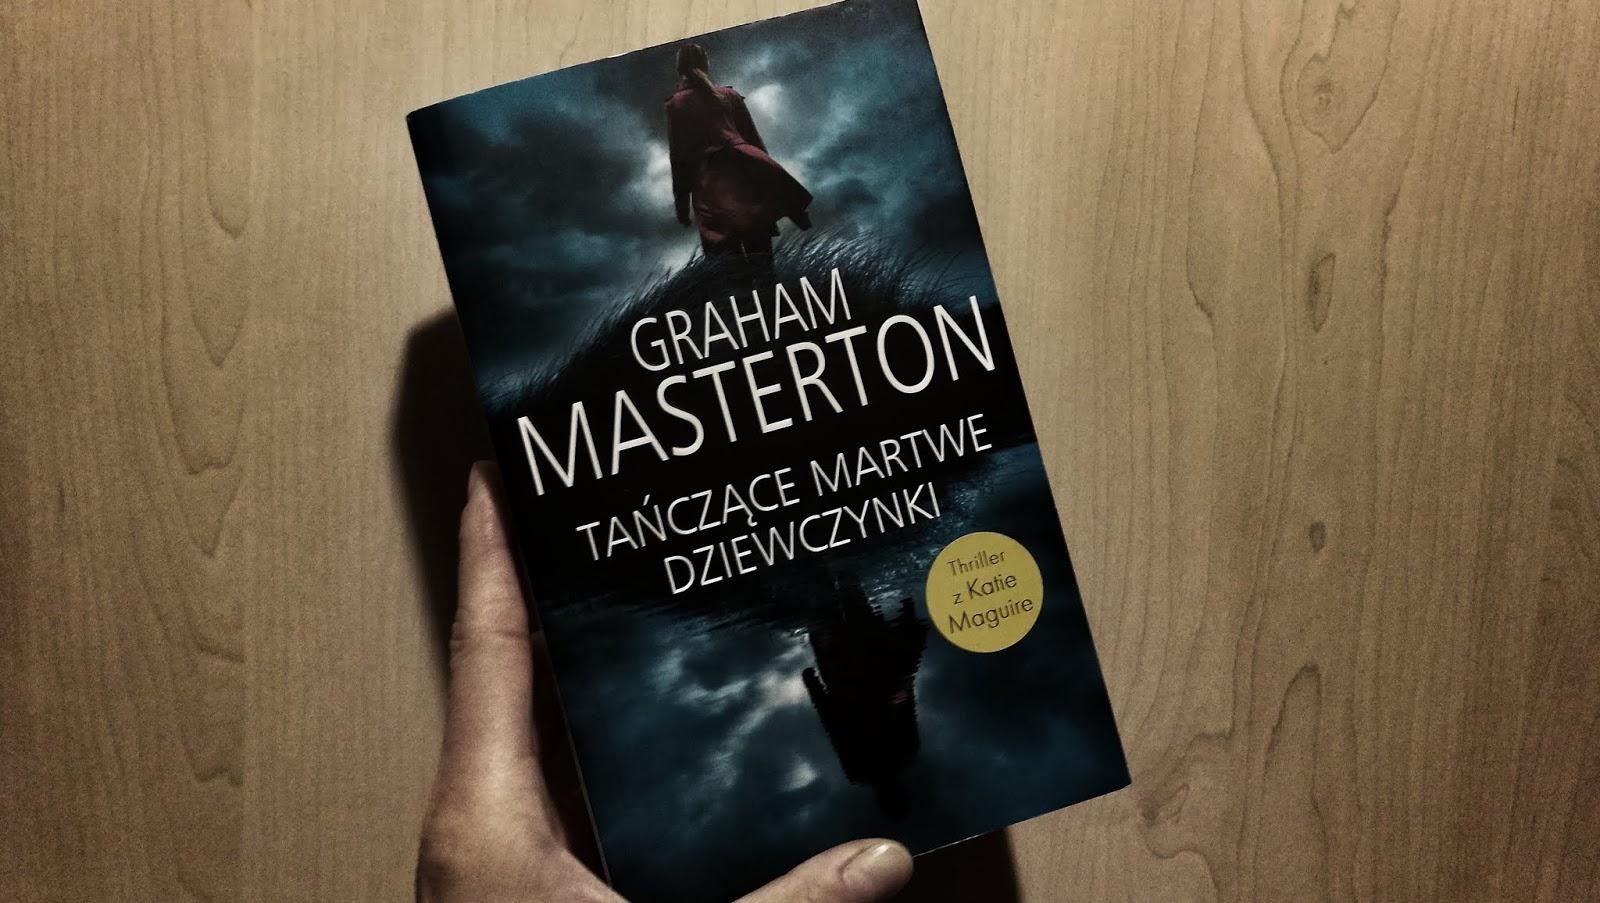 Tańczące martwe dziewczynki, Graham Masterton